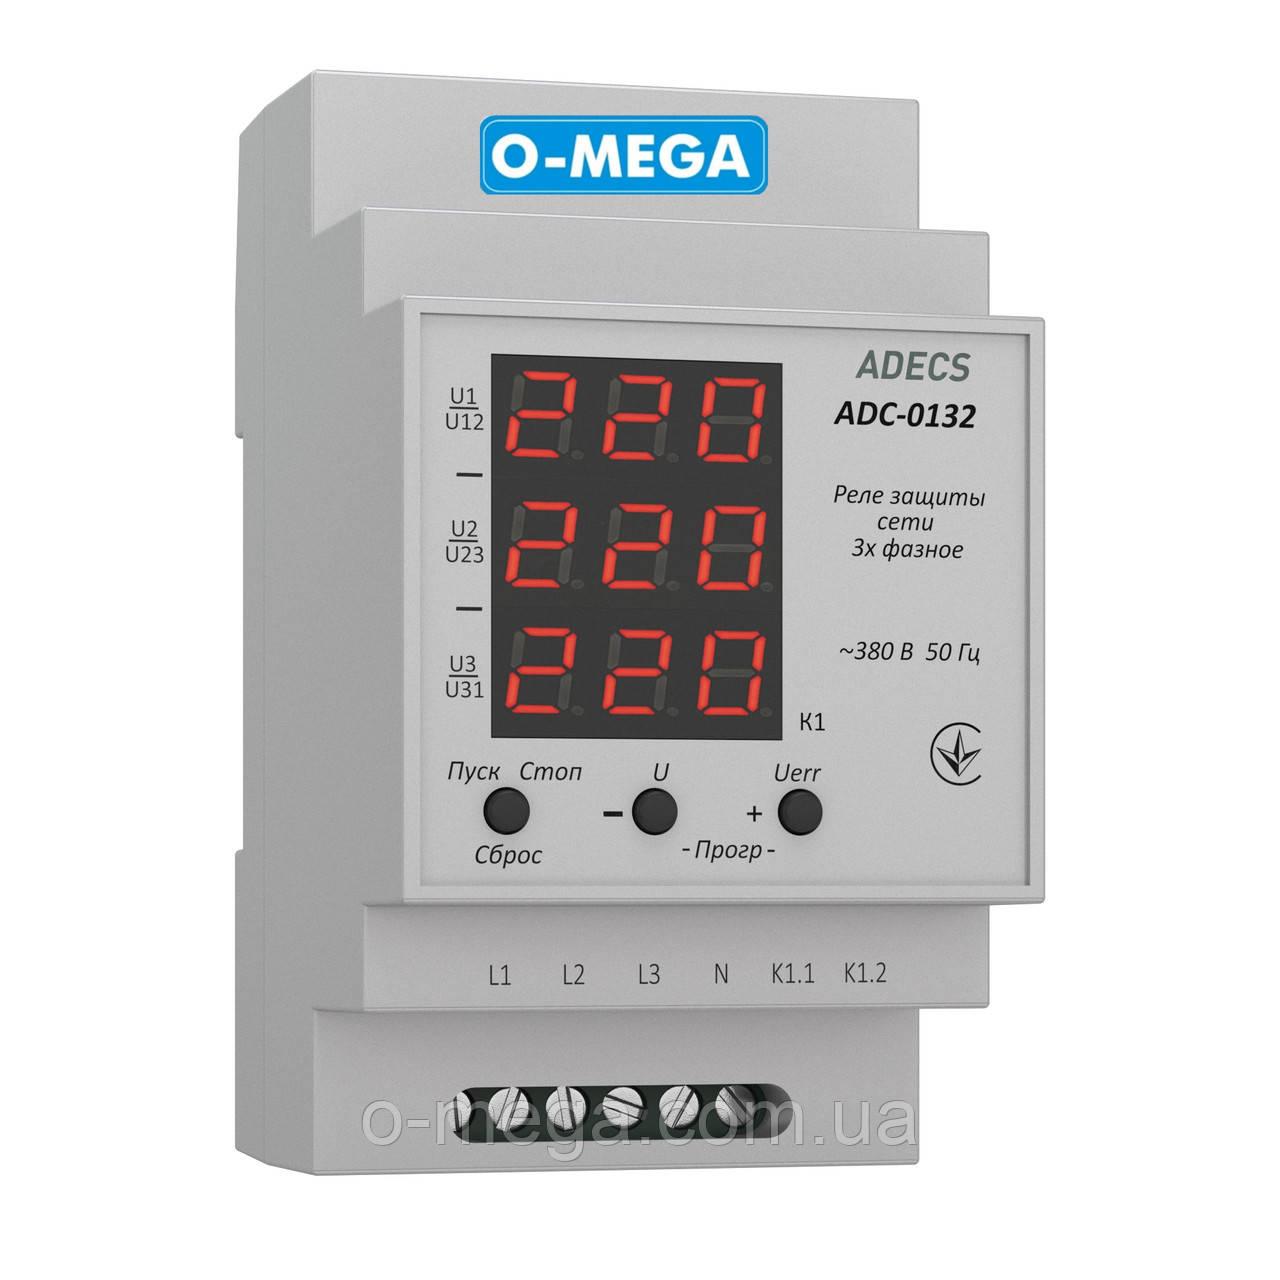 Реле контроля напряжения трёхфазное Adecs ADC-0132-10